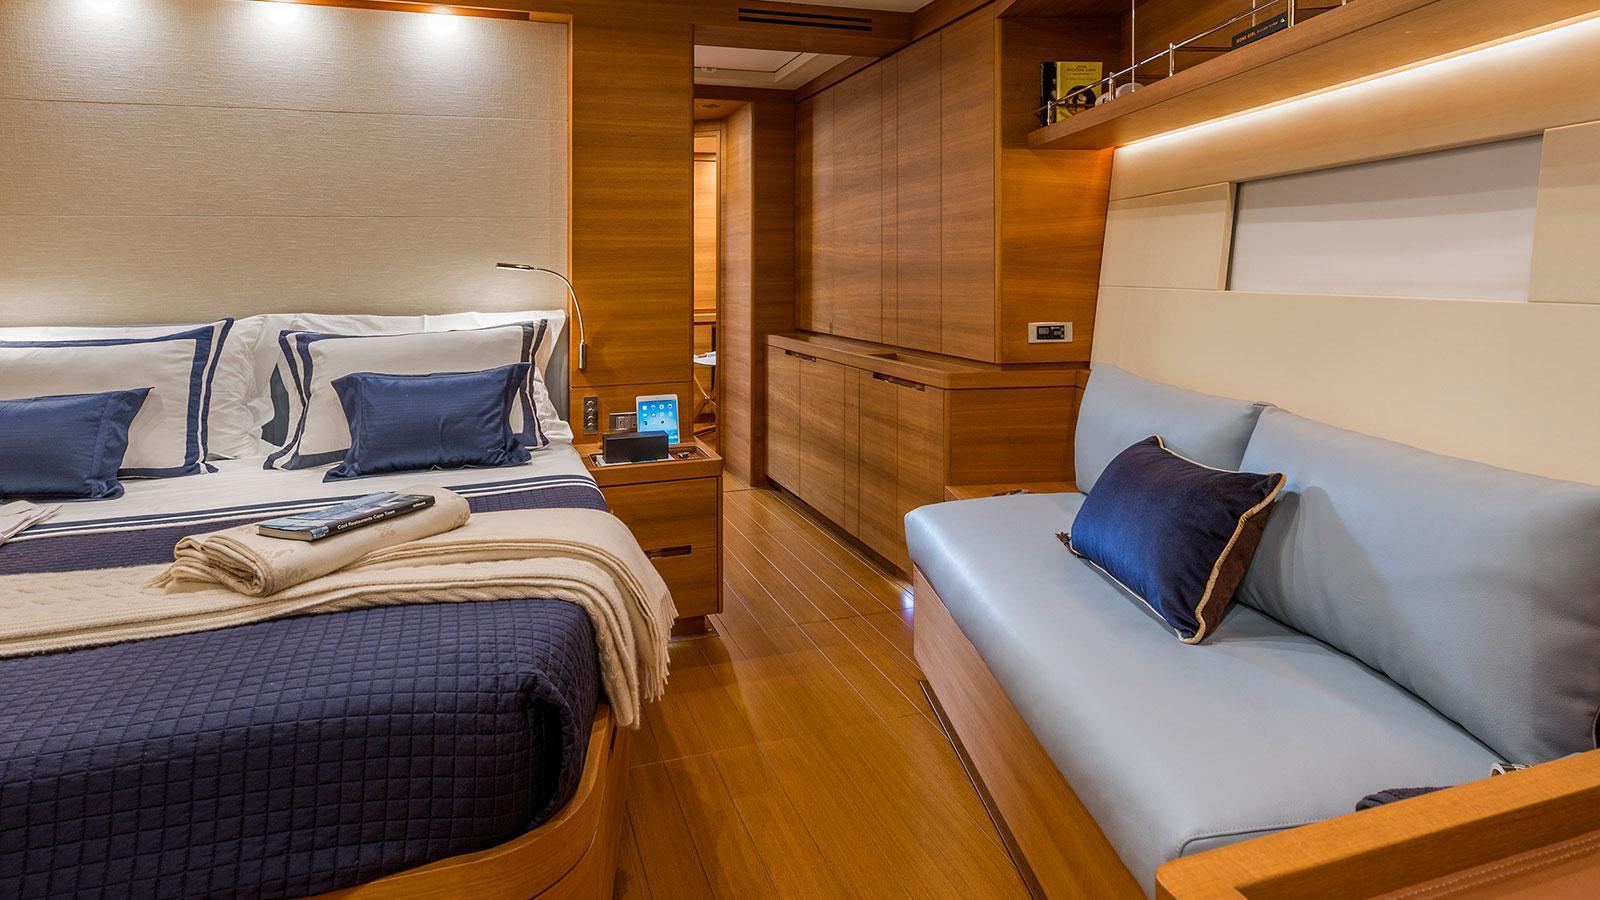 farfalla-sailing-yacht-southern-wind-2014-32m-cabin